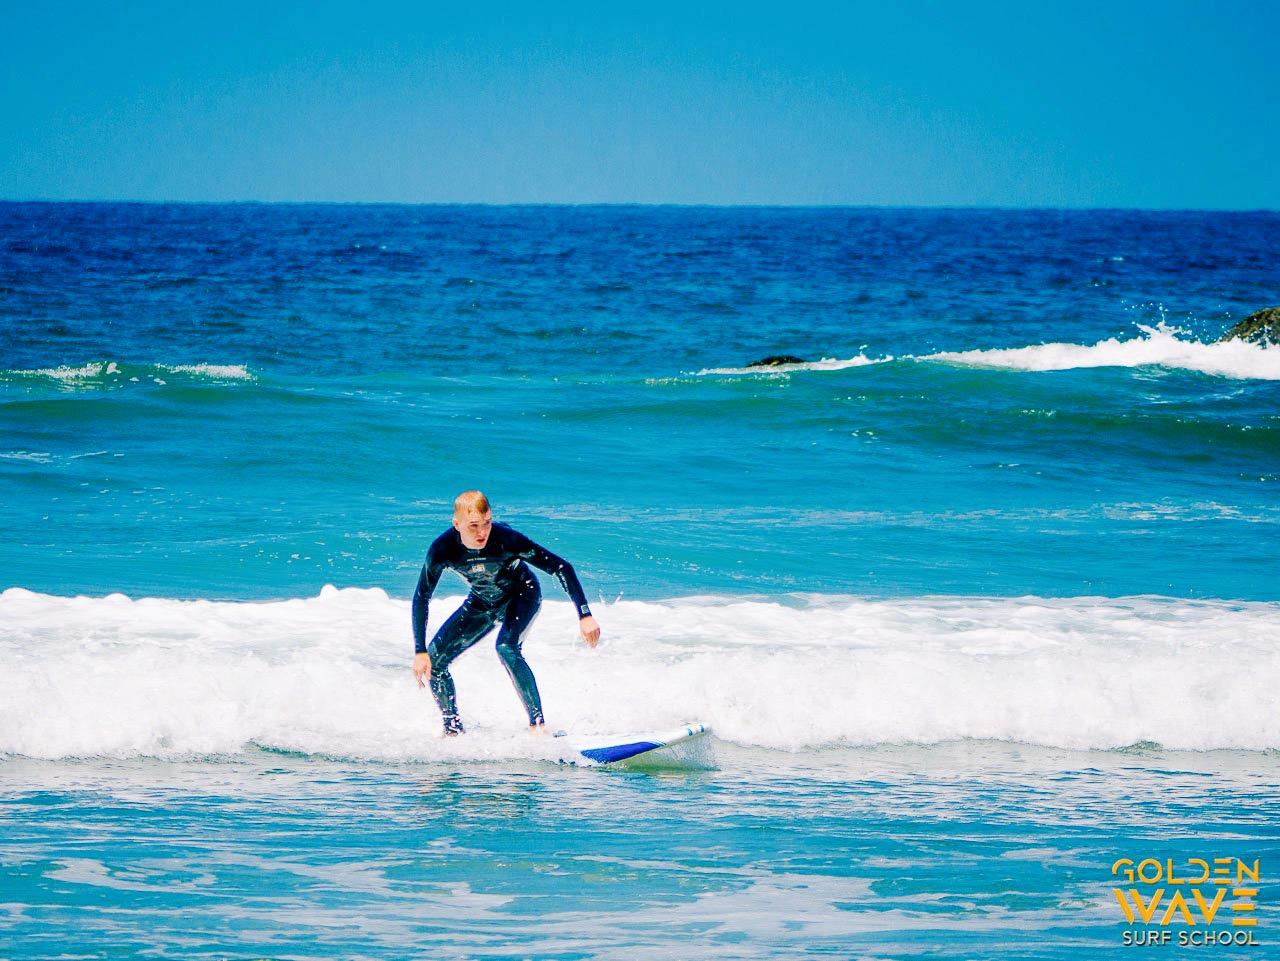 Golden Wave Surf School